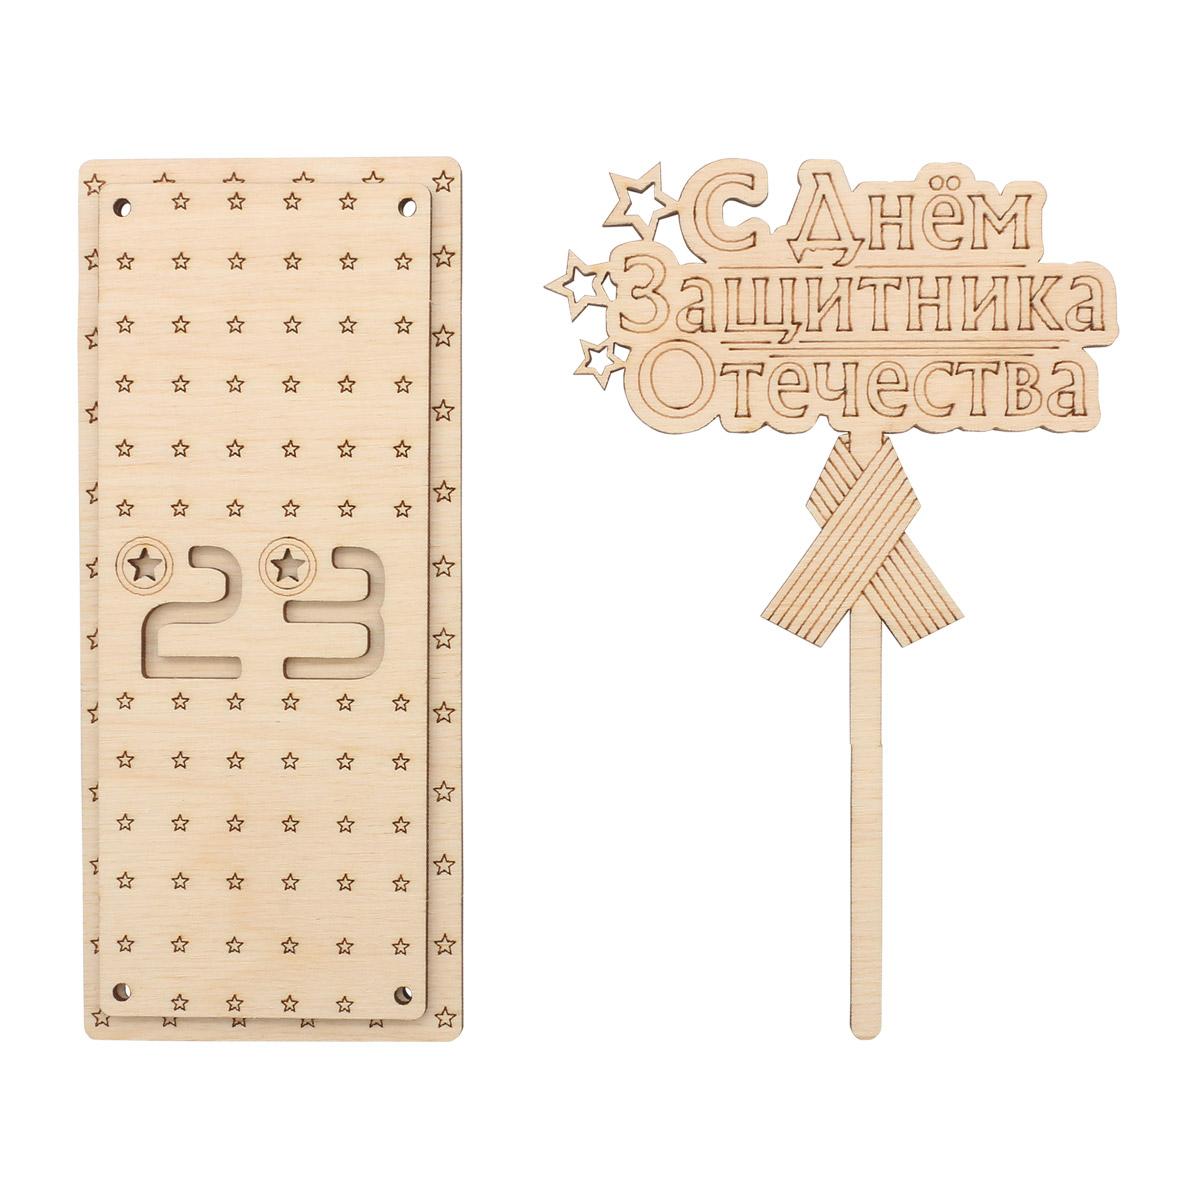 НБ-010/23 Набор деревянных заготовок к 23 февраля Открытка+ топпер, 3шт/упак, Astra&Craft